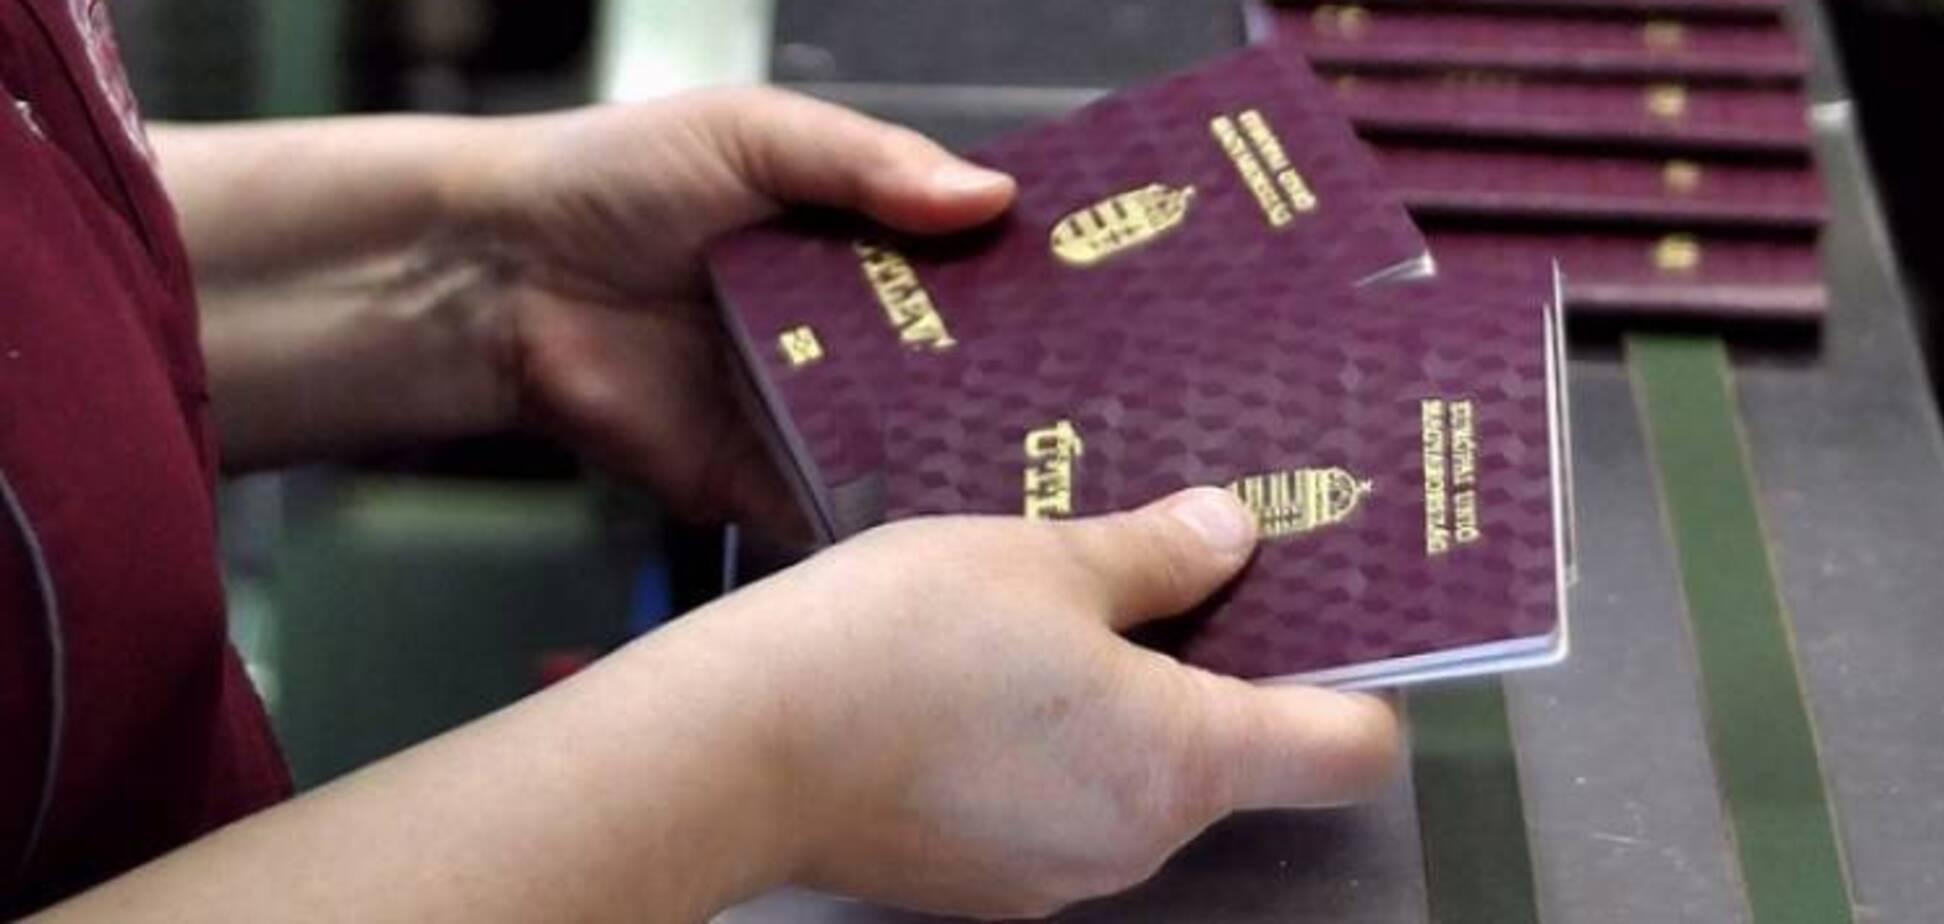 Тюрьма или штраф? Как в Украине накажут за второй паспорт